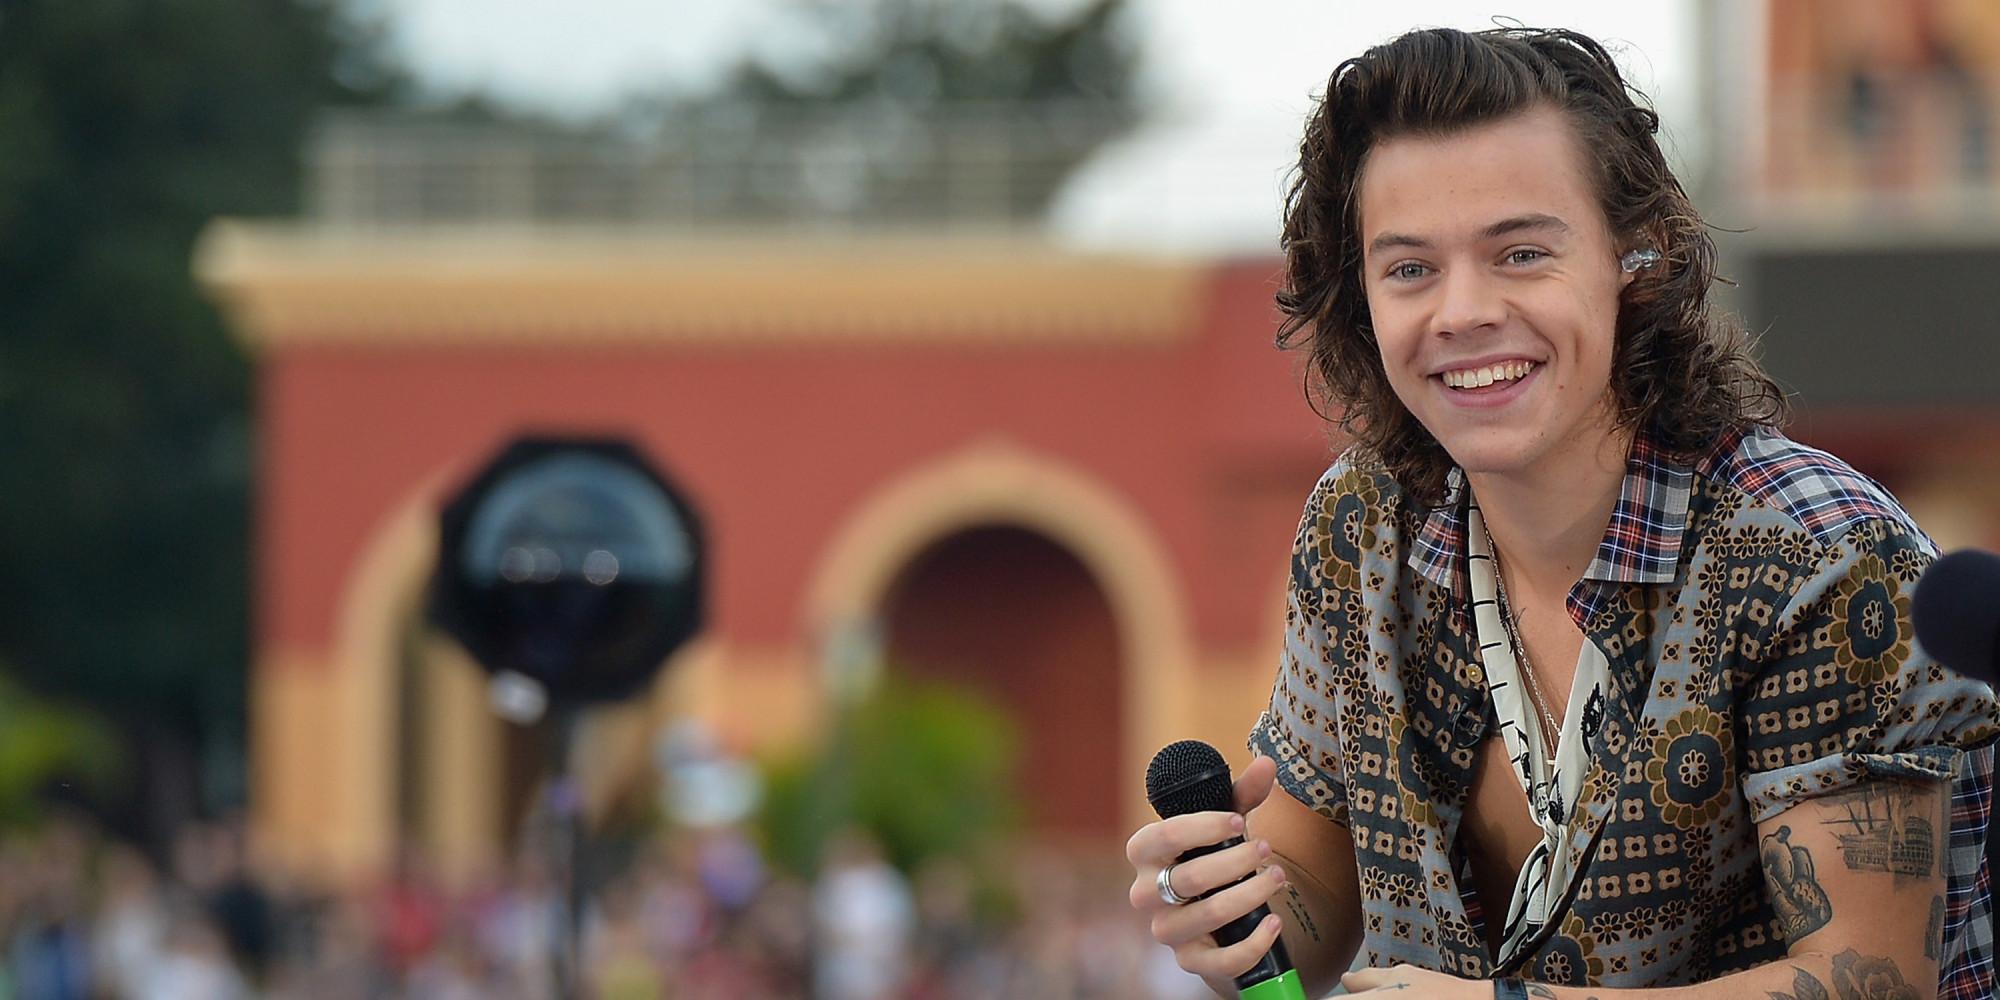 ¿Harry Styles va a dejar One Direction dentro de dos años?